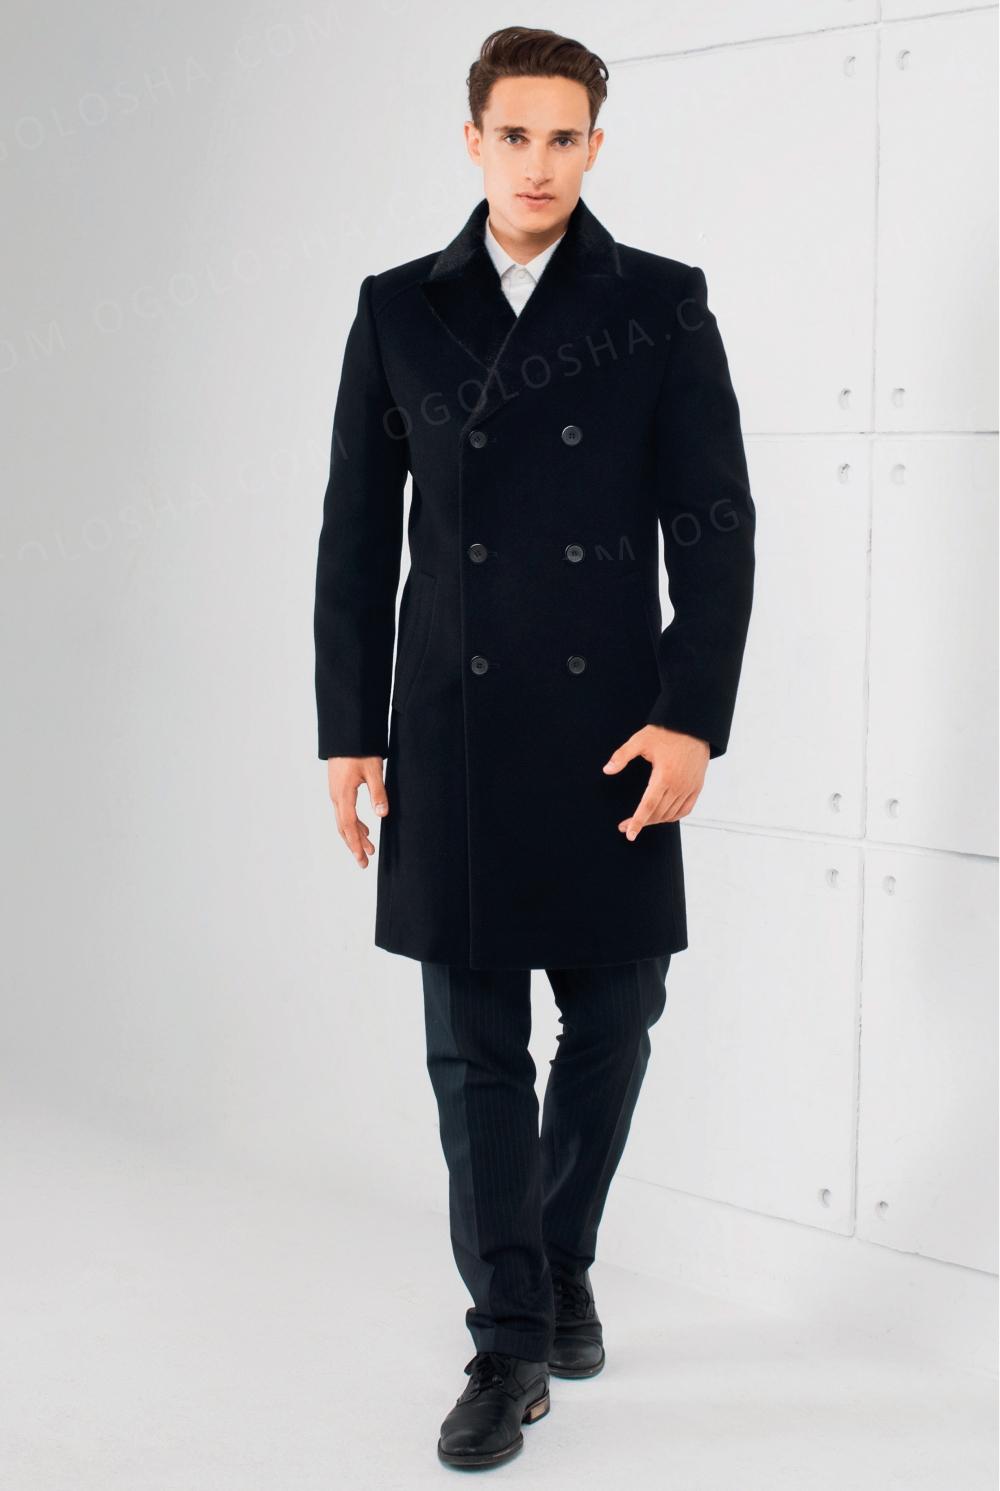 Мужское зимнее пальто Sun's House S-445 (Дипломат)